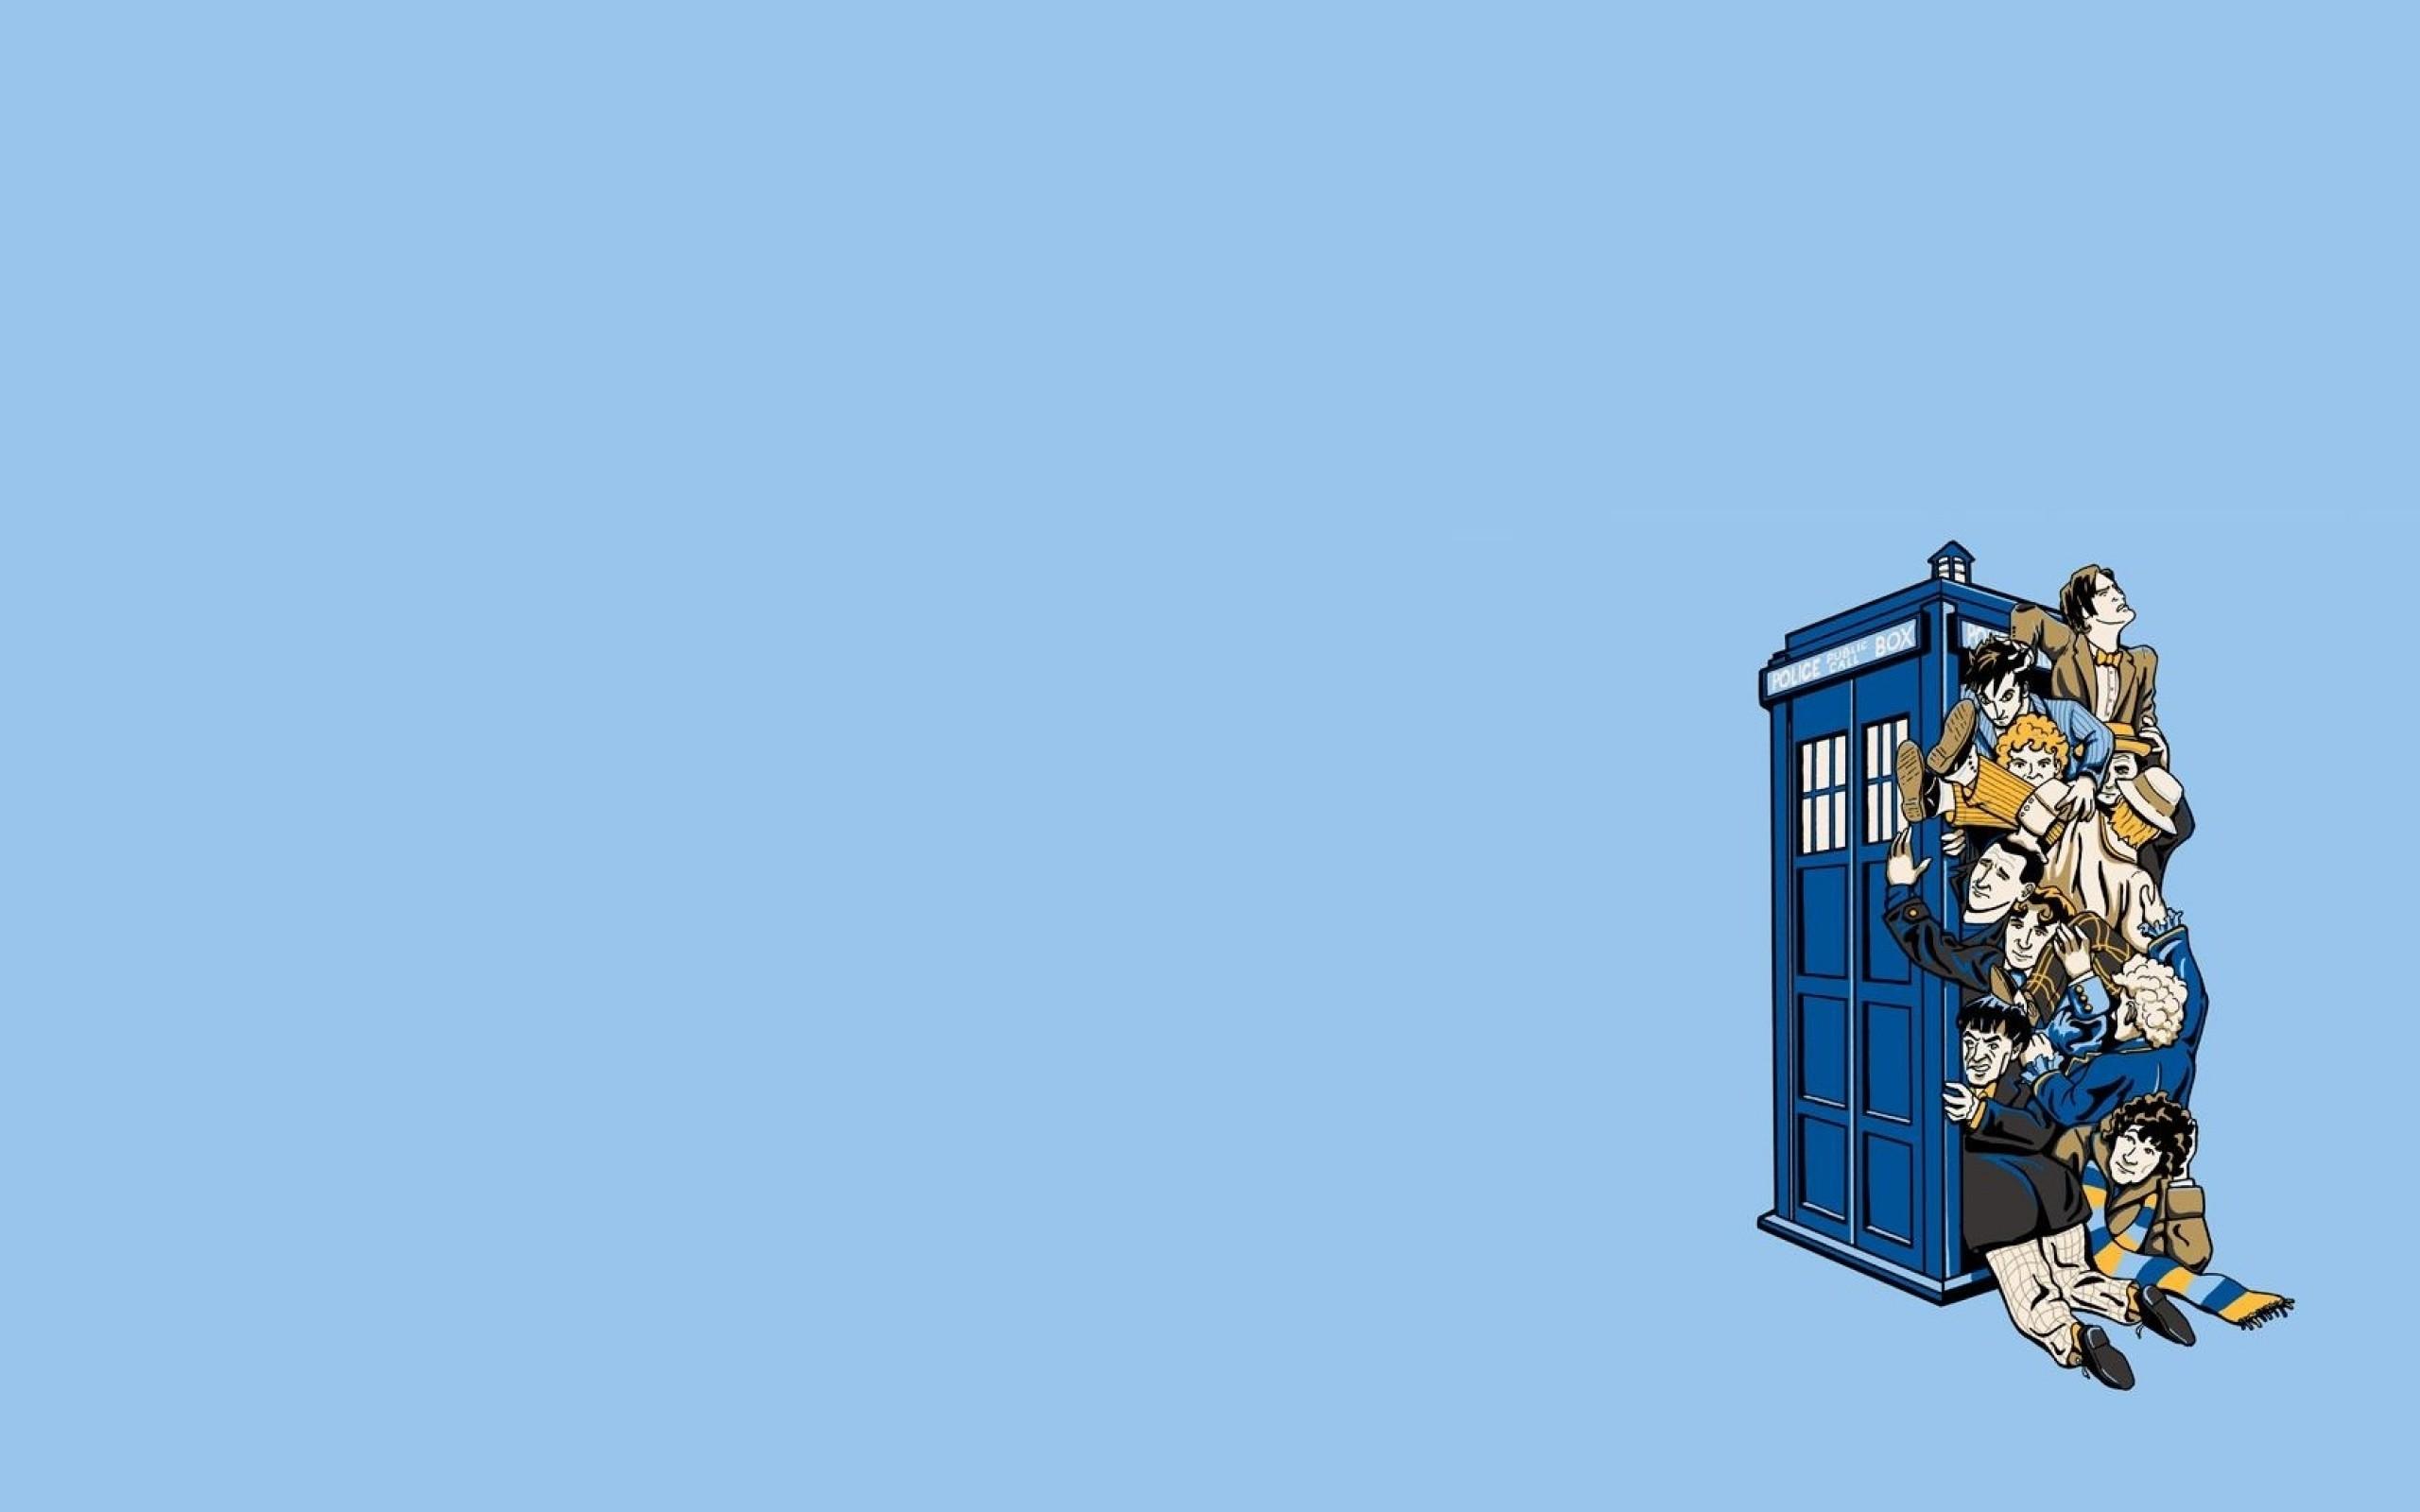 Tardis-doctor-who-fun-art-hd